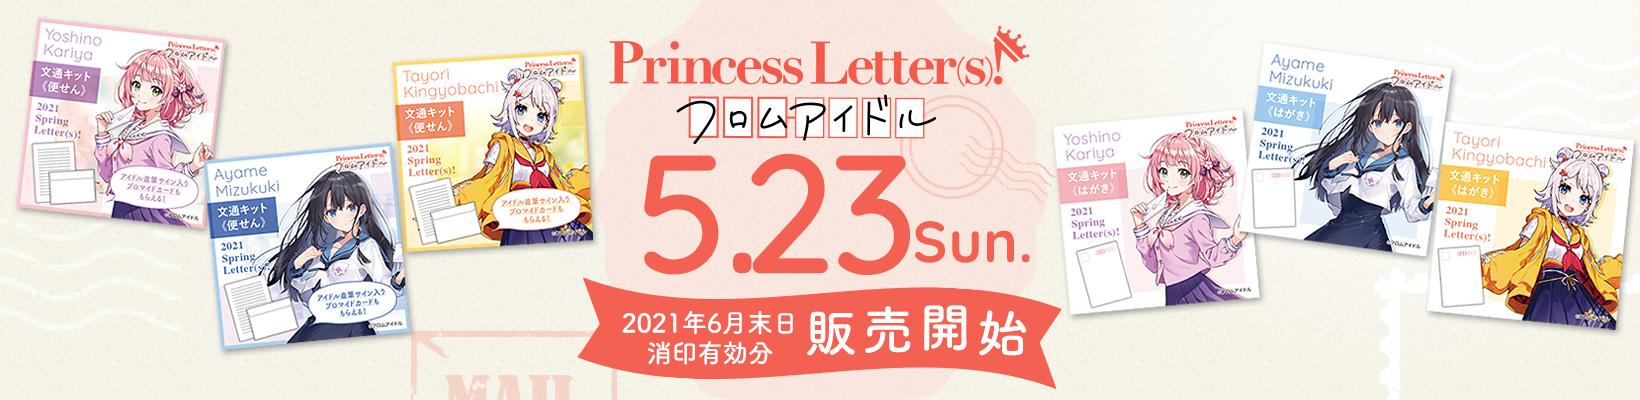 Princess Letter(s)!フロムアイドル 5.23sun. 販売開始!